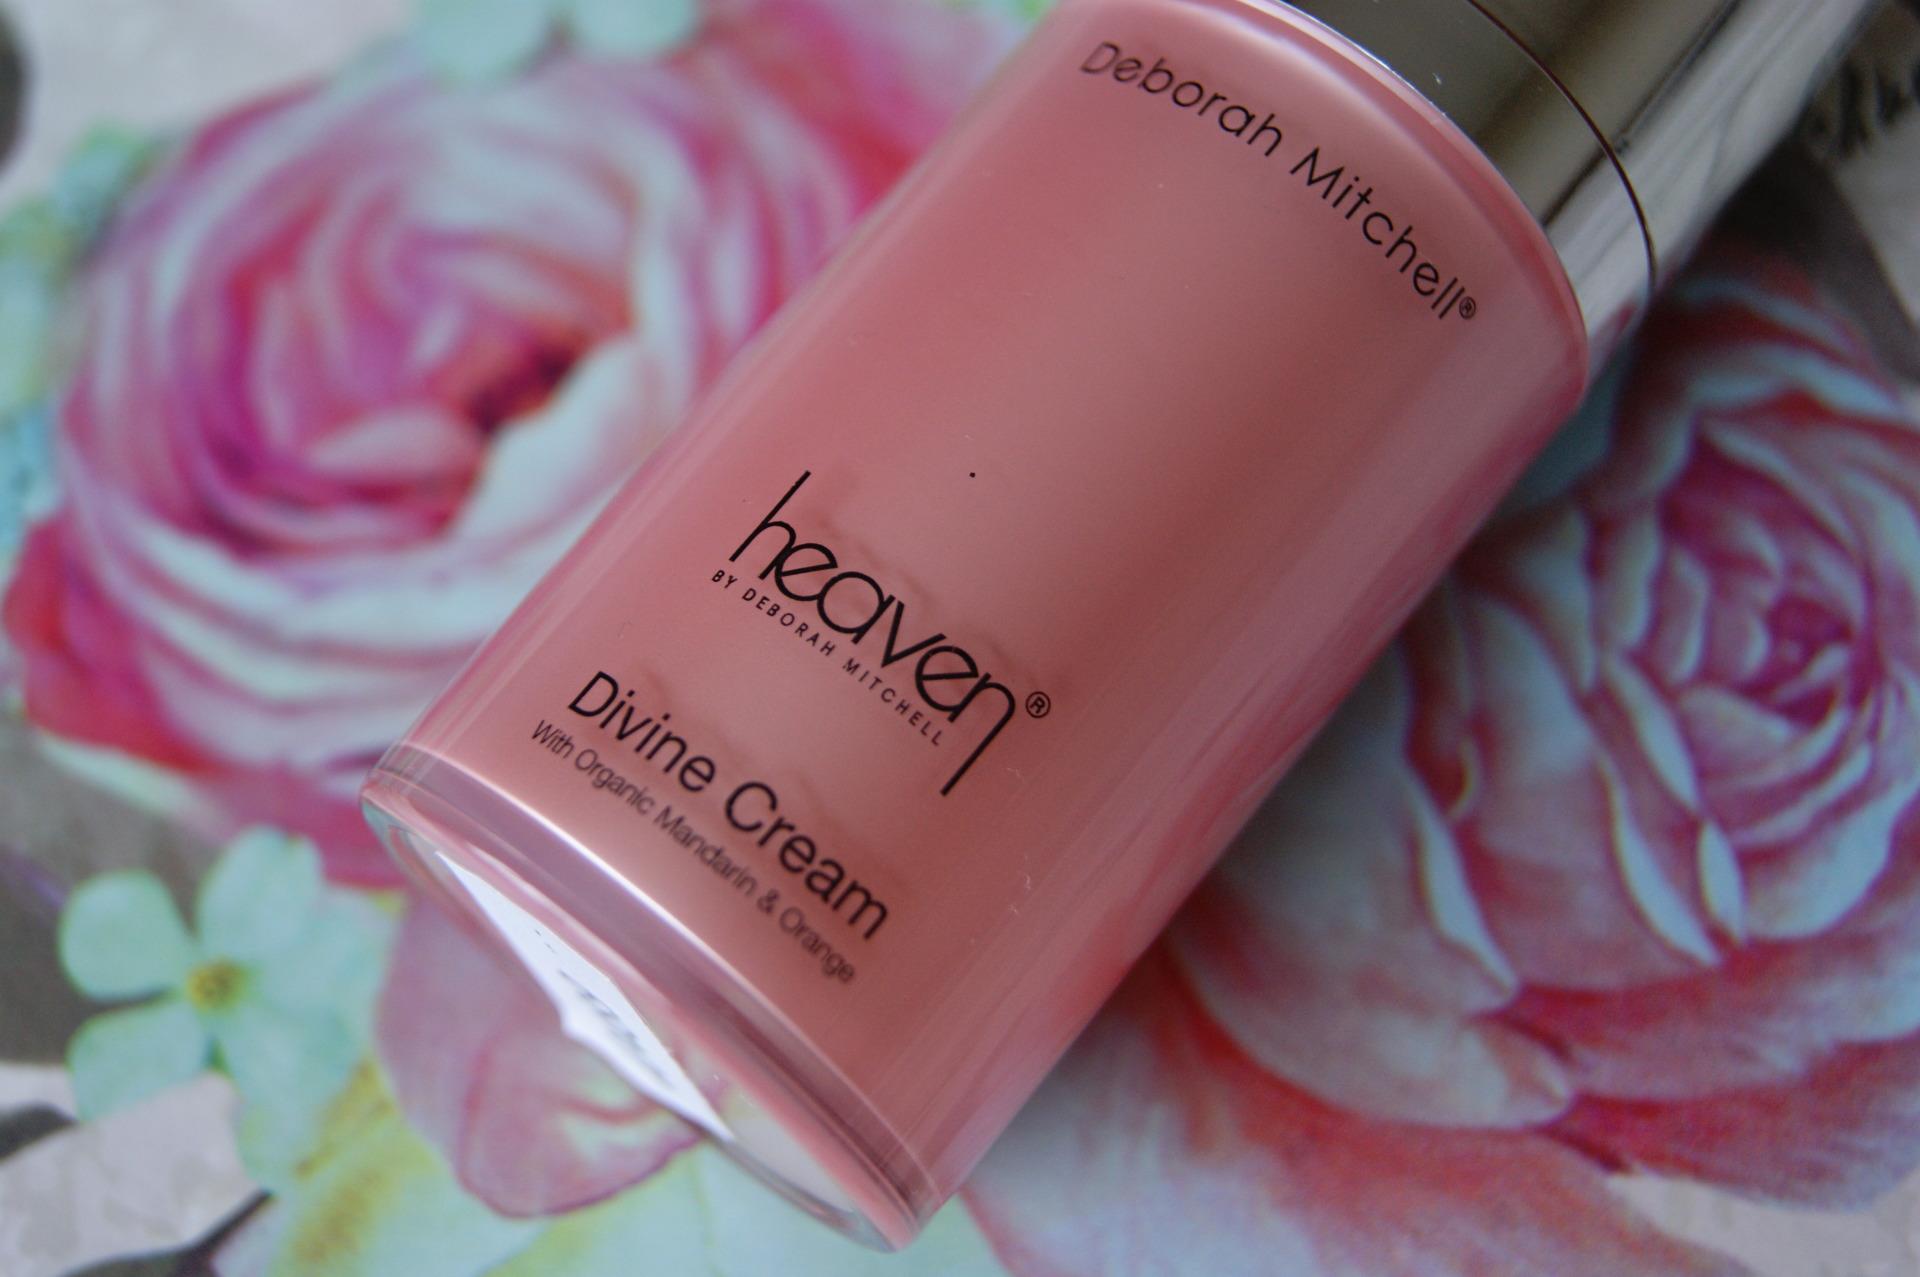 Heaven Skincare - Divine Cream